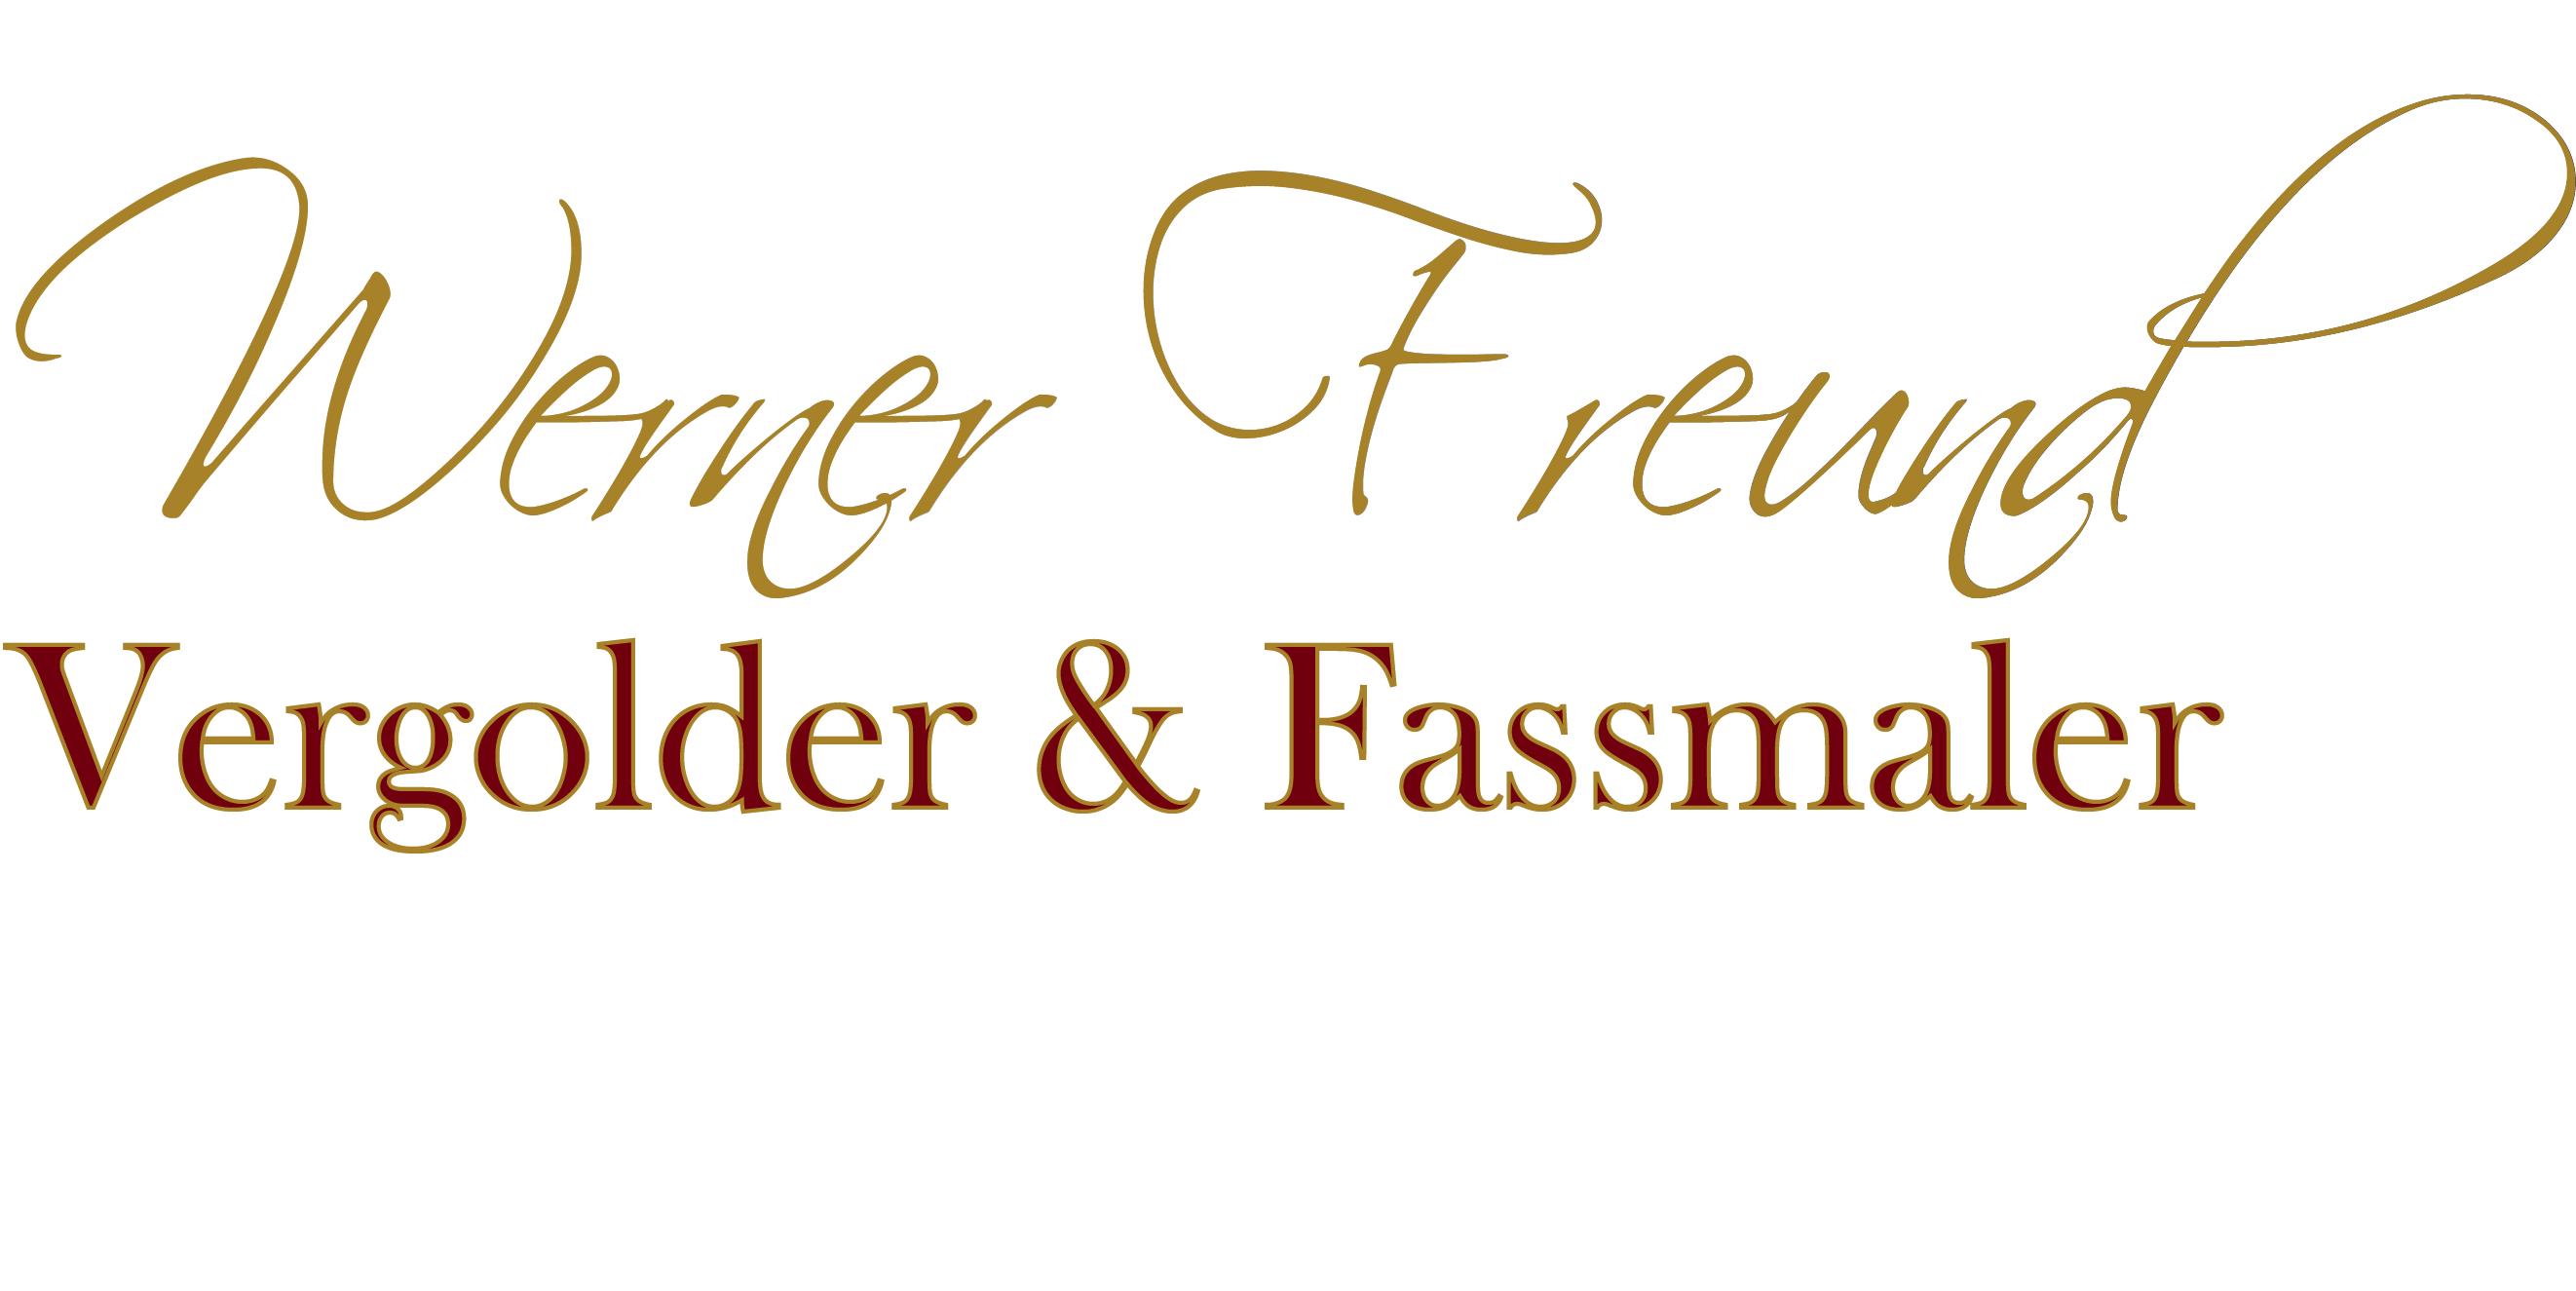 Vergolder und Fassmaler Werner Freund